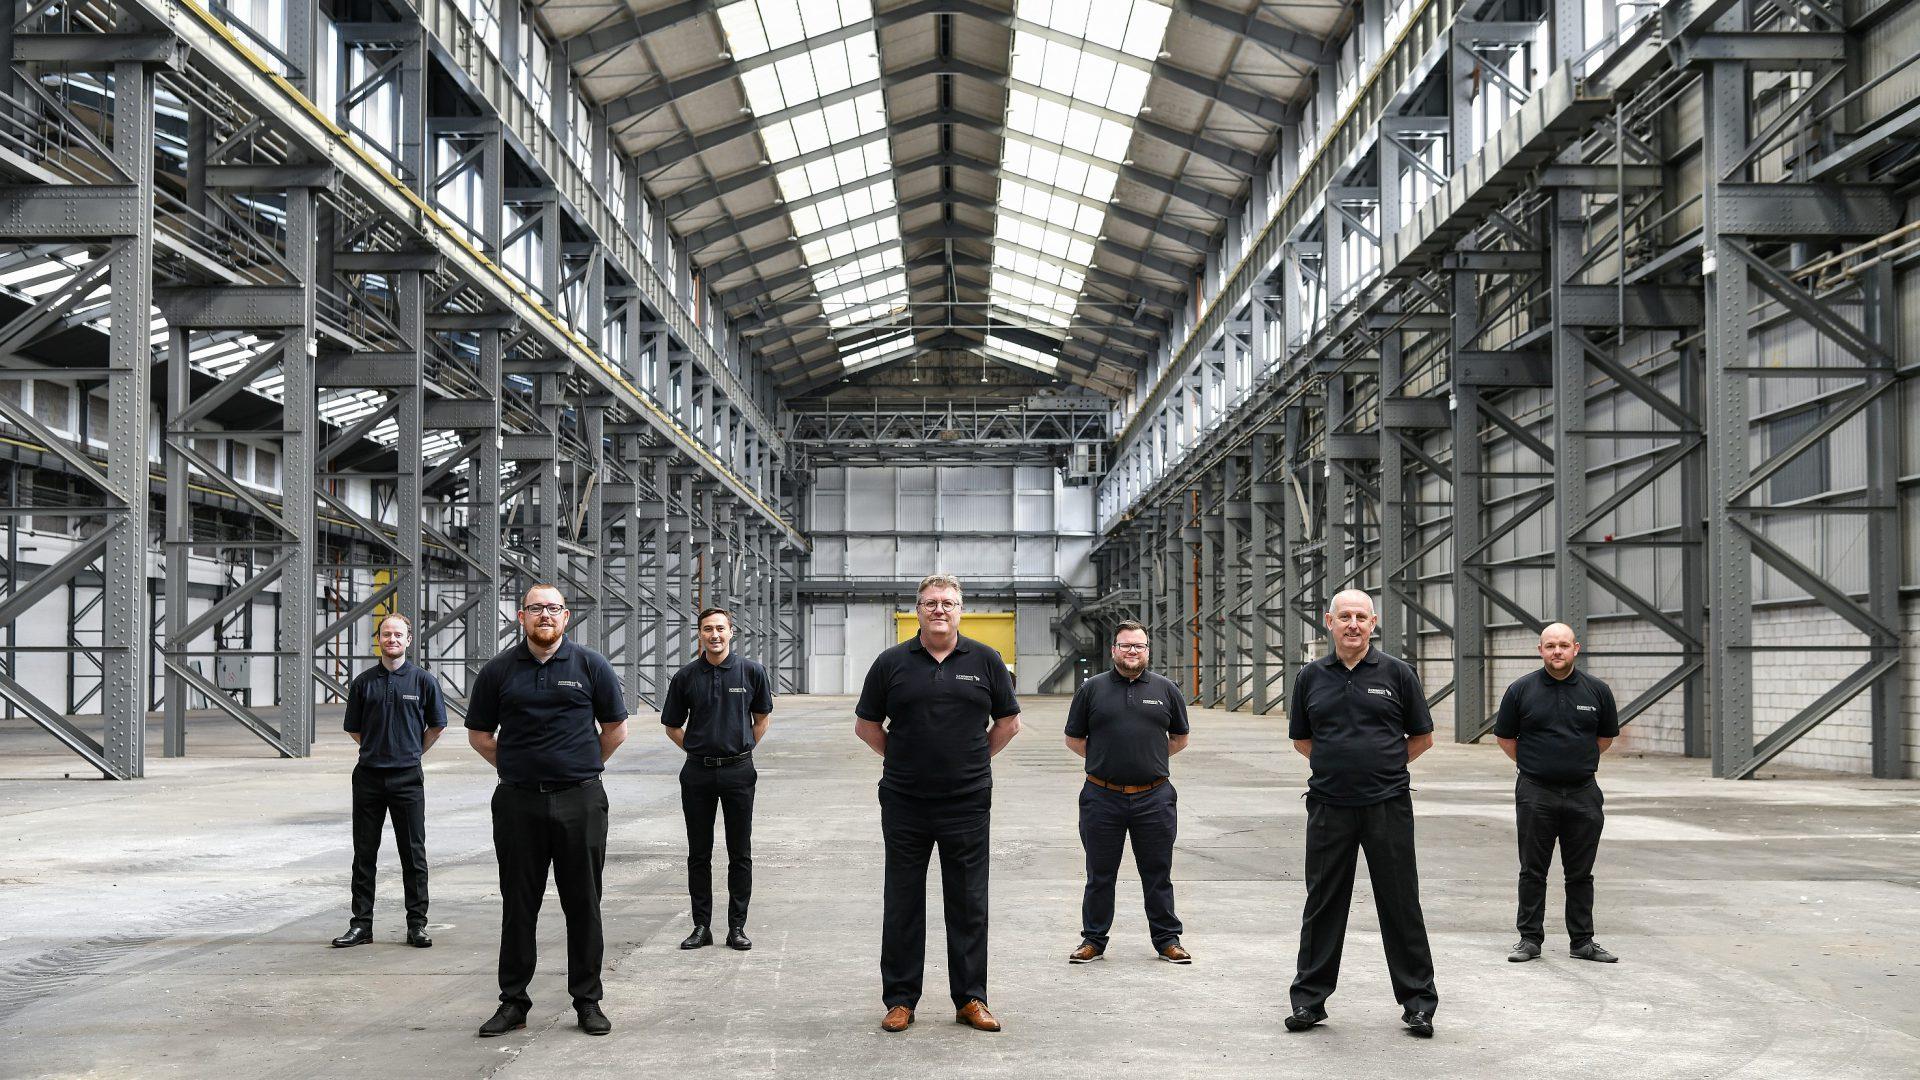 Il team di Schmitz Cargobull per la Gran Bretagna è molto motivato